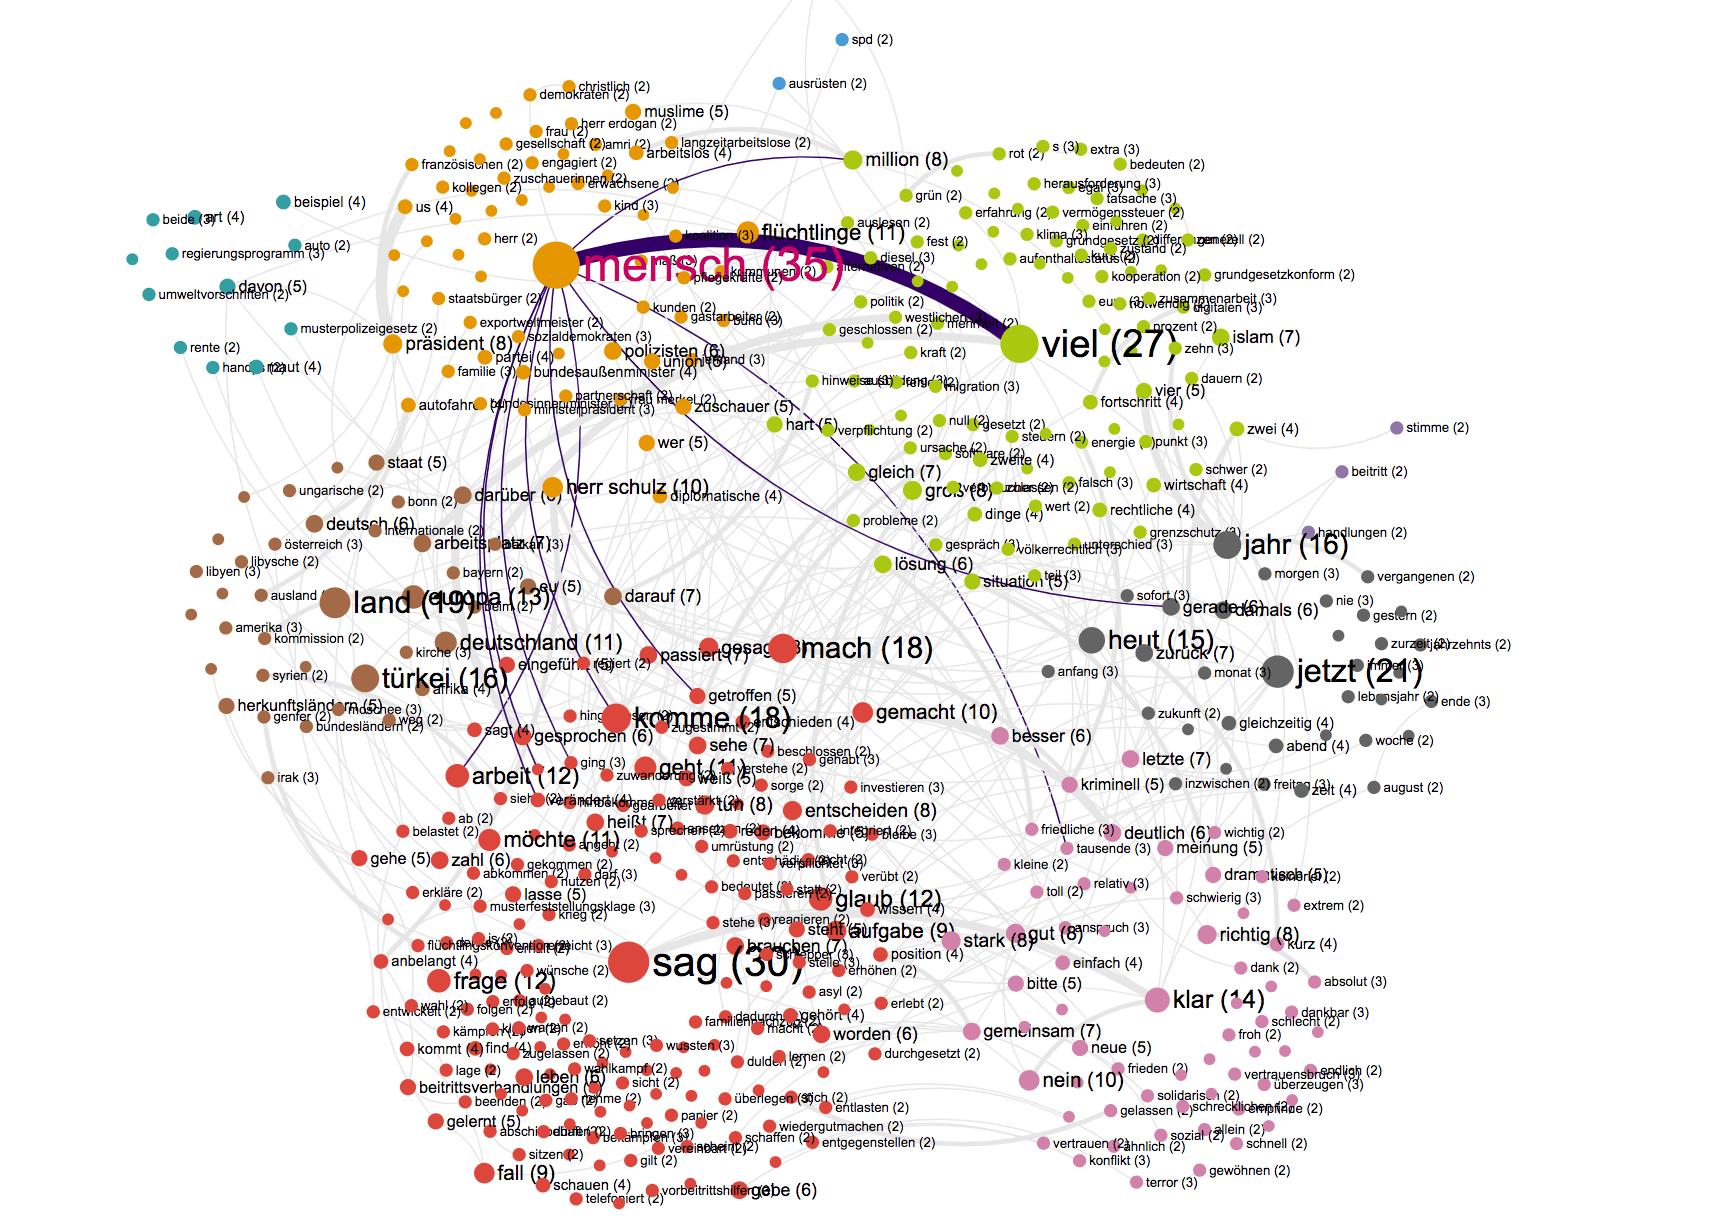 Kanzlerduell 2017 Merkel Network Map